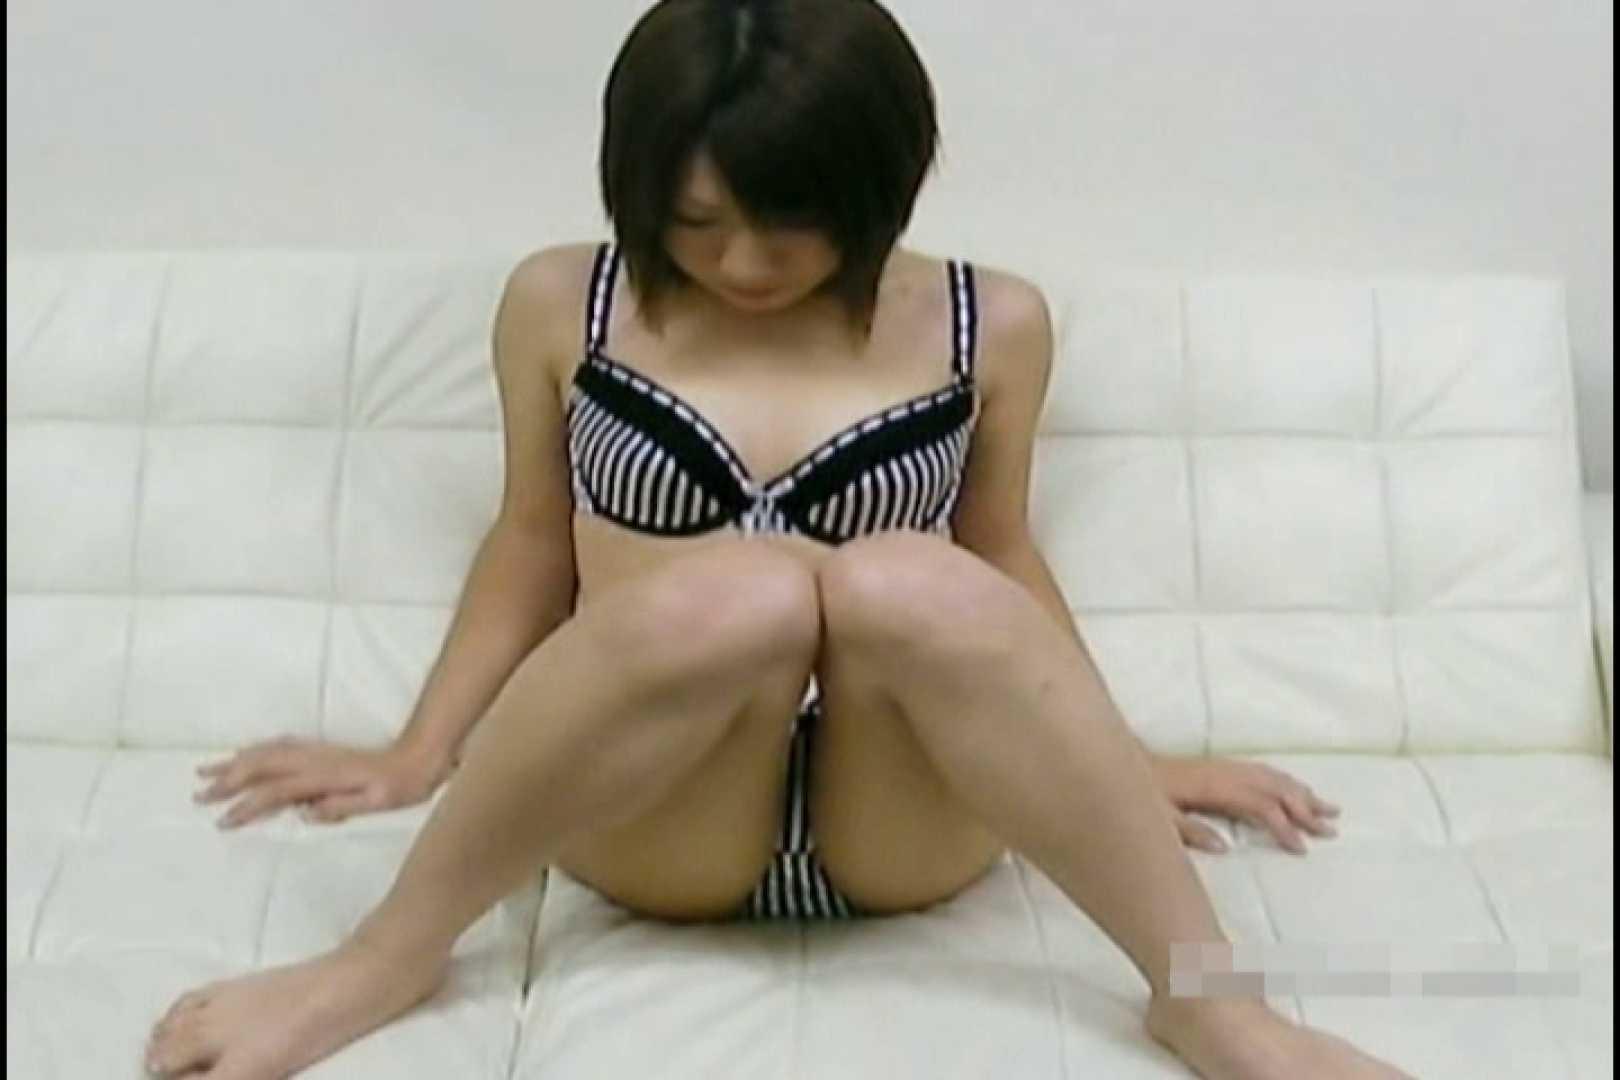 素人撮影 下着だけの撮影のはずが・・・れみ18歳 素人 のぞき動画キャプチャ 111pic 65